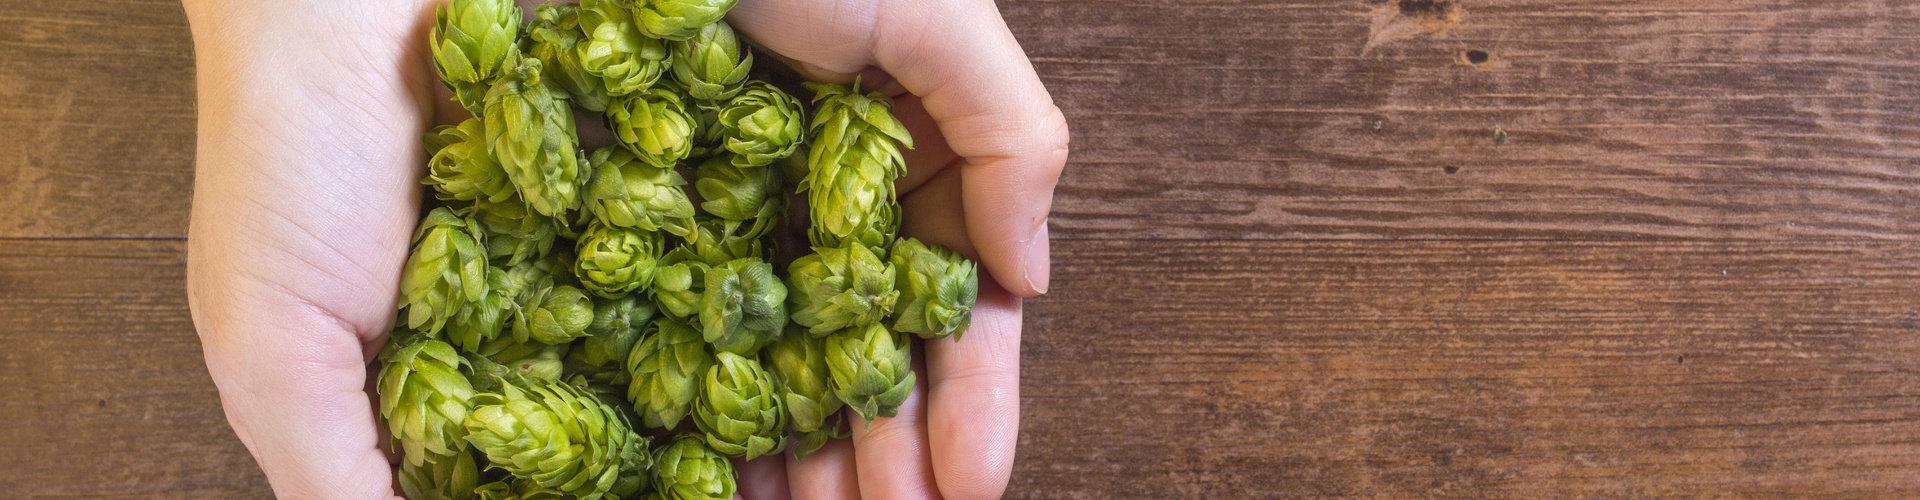 Homecraft Your Inner Beer Bliss